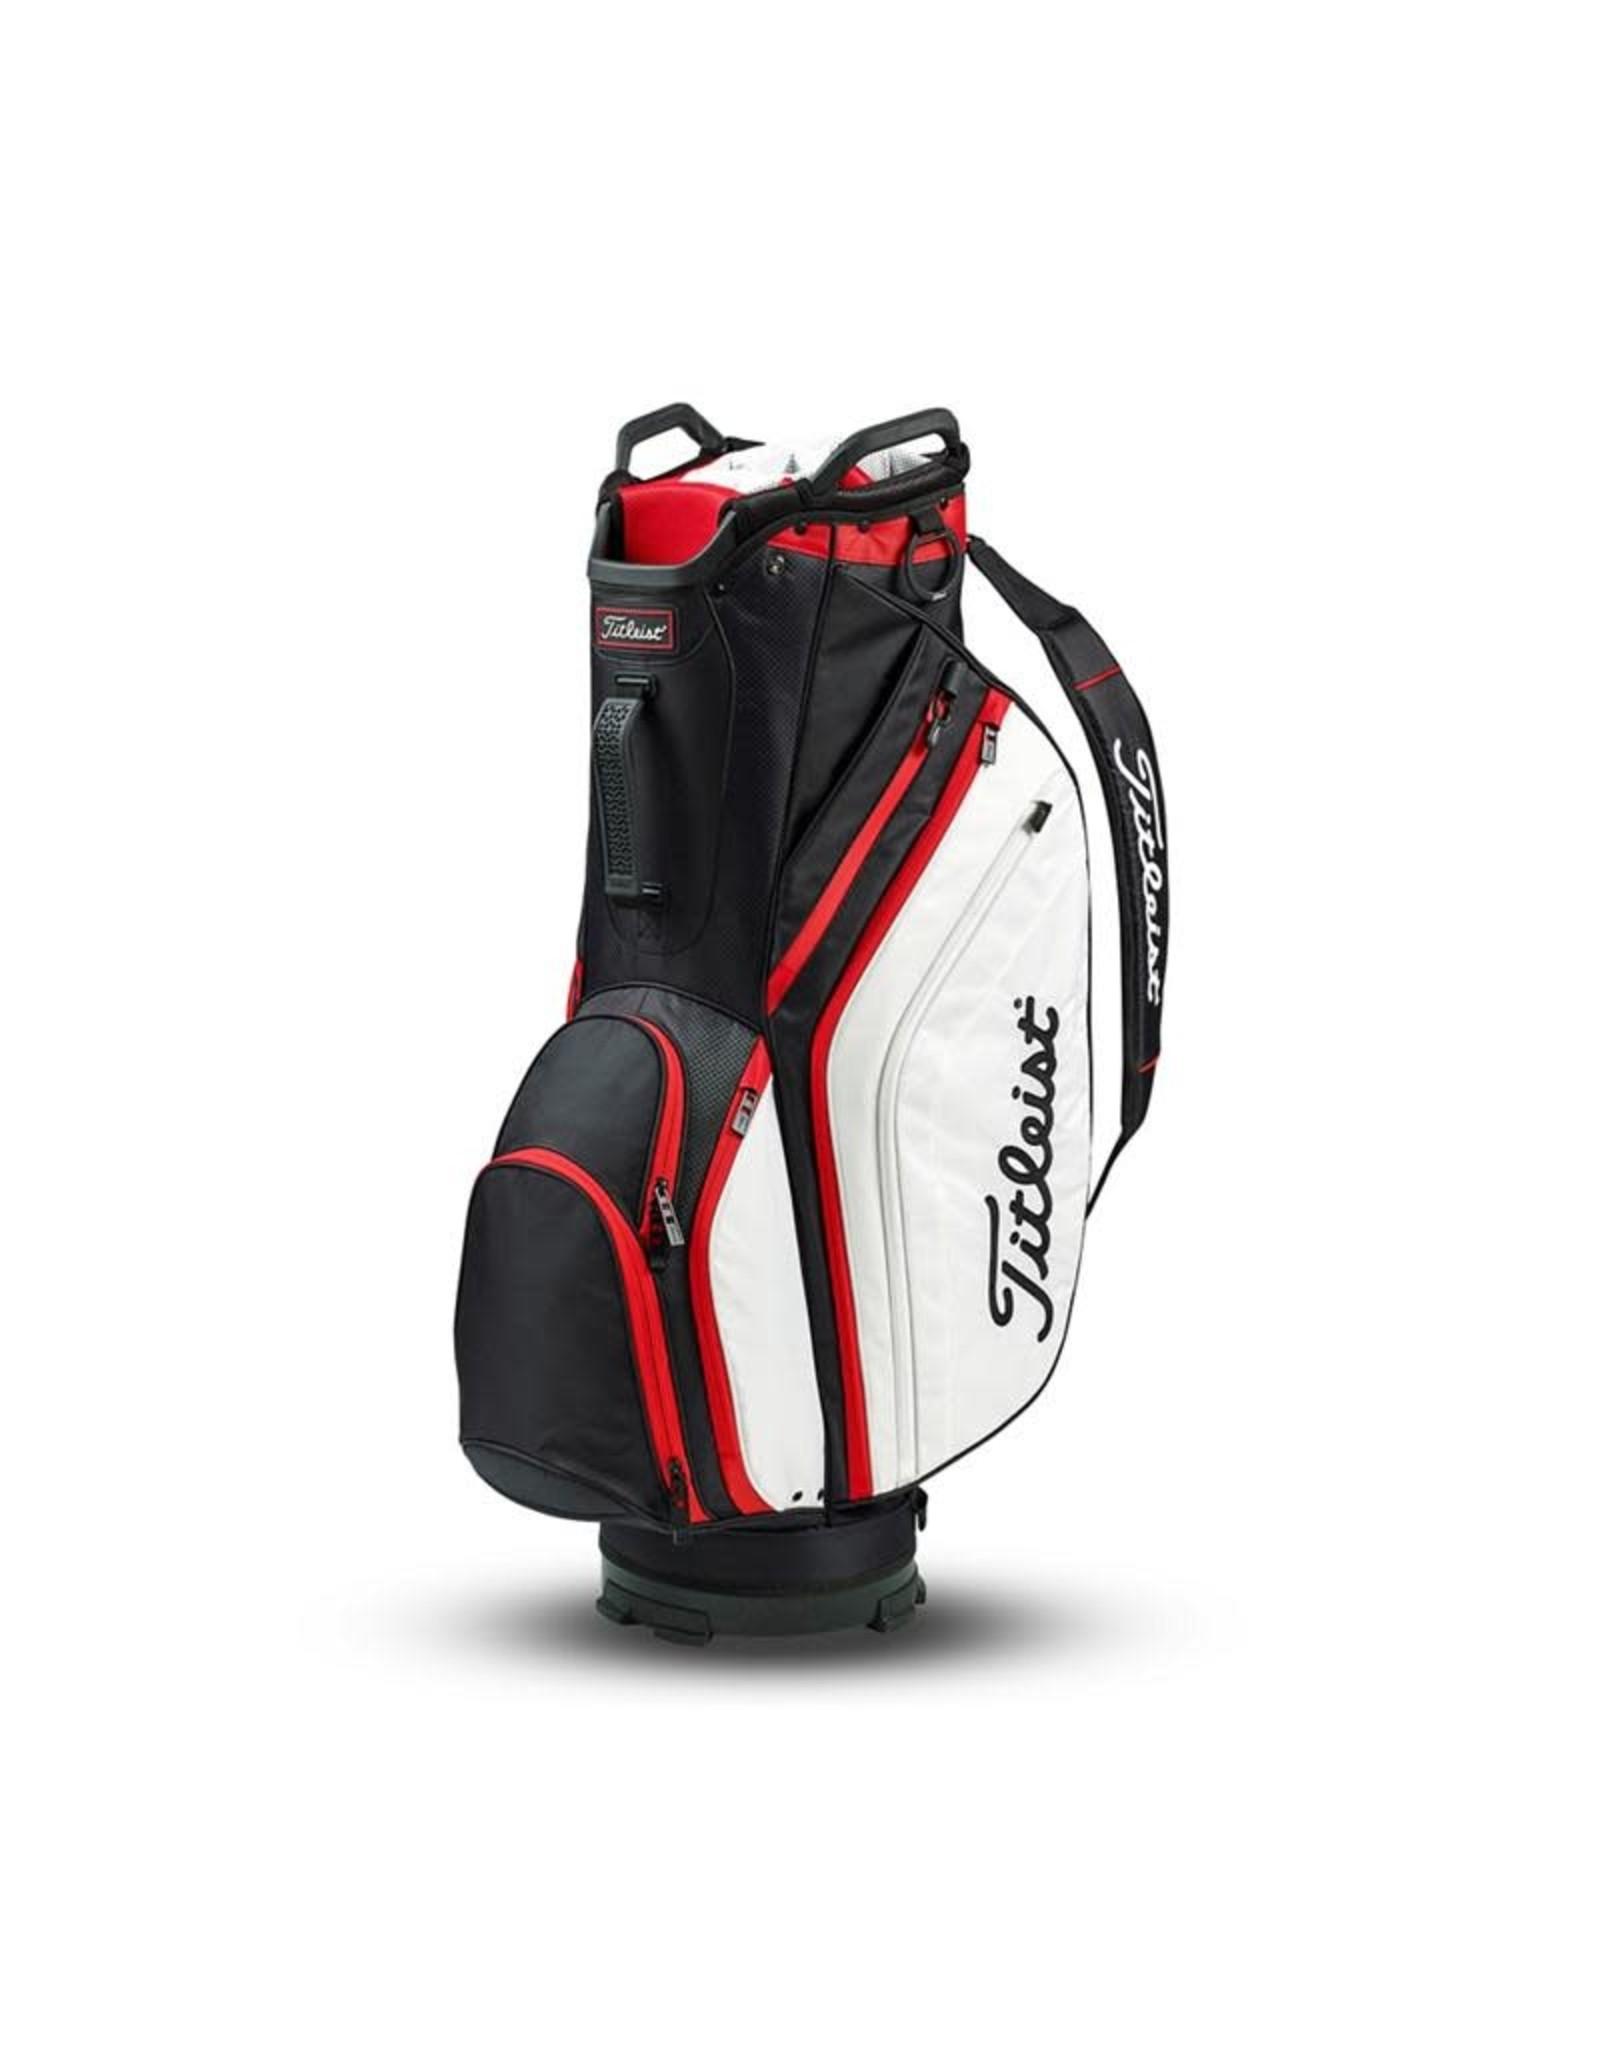 Titleist Titleist Lightweight Cart Bags